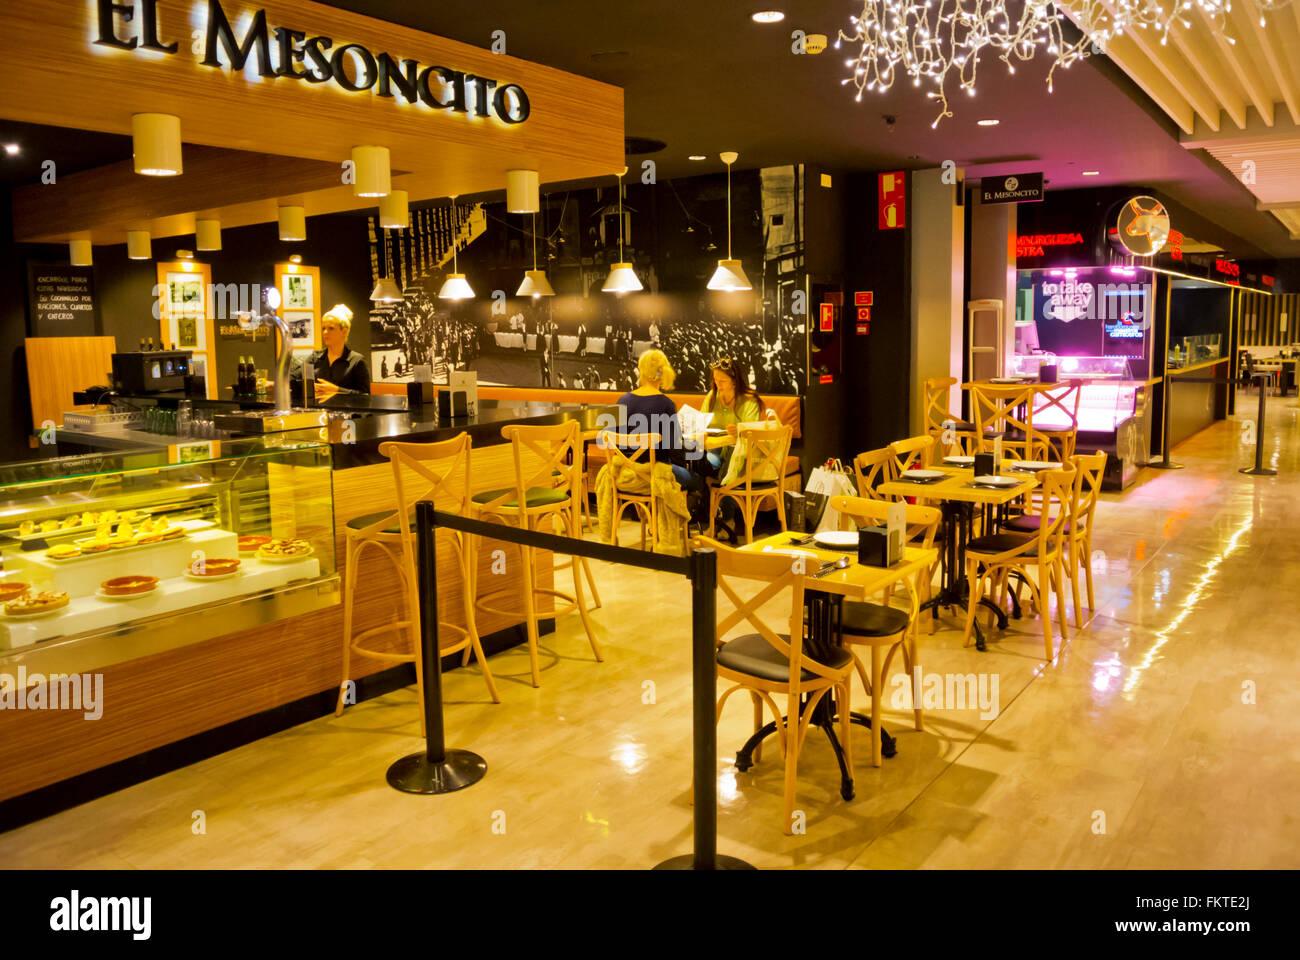 5367b732735b74 Stockfoto gourmet erlebnis dachgeschoss food court und lebensmittelgeschaft el  corte ingles malaga andalusien spanien jpg 1300x960